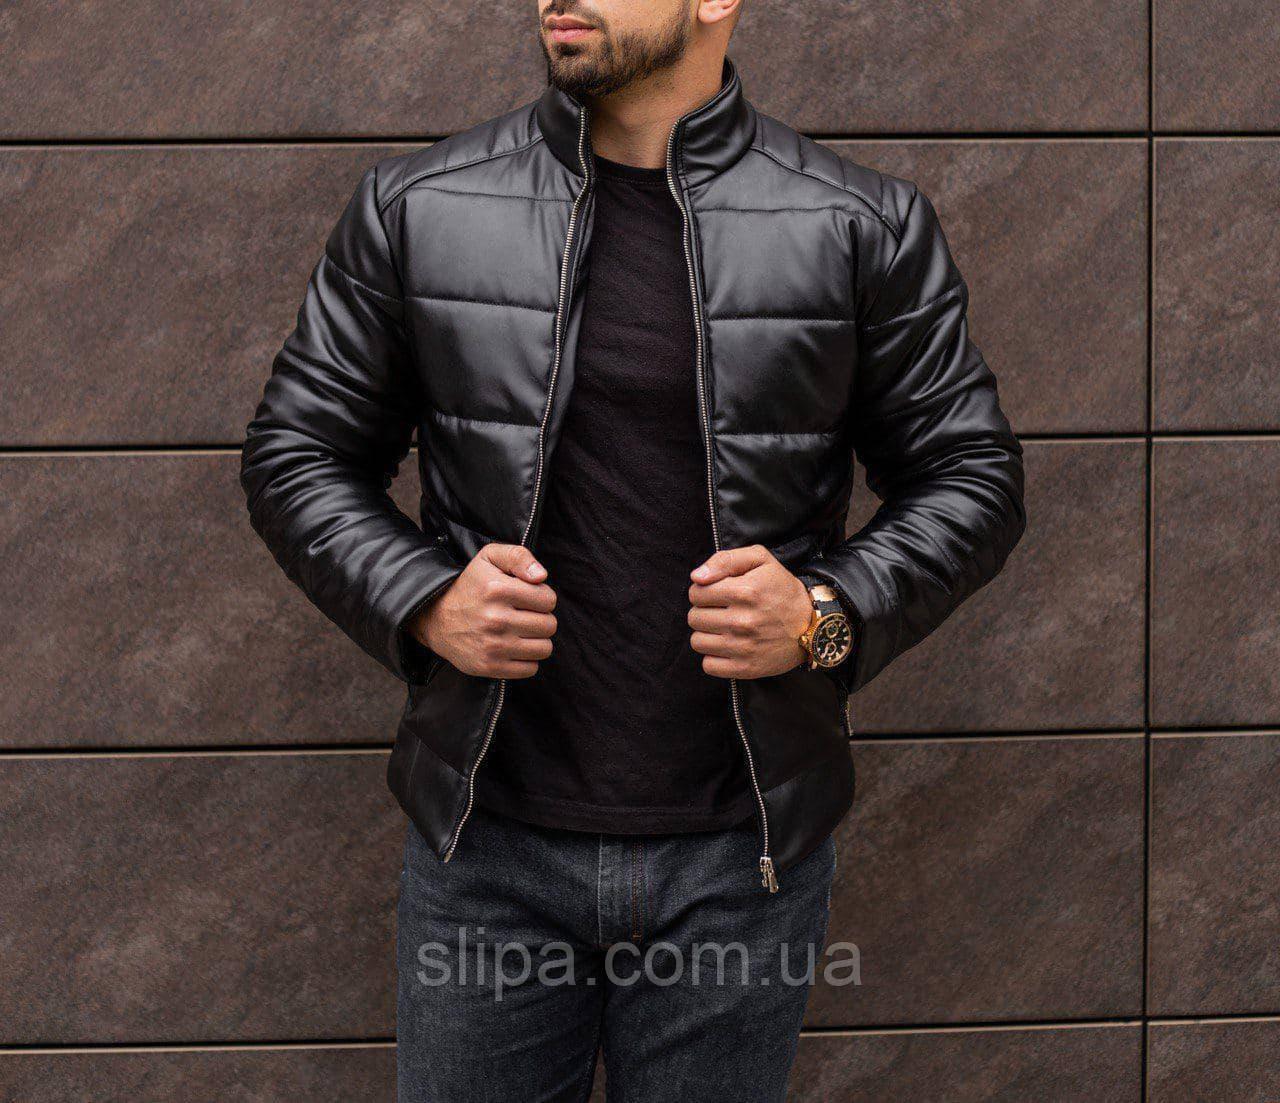 Мужская зимняя кожаная куртка чёрная ( синтепон, до -25С )